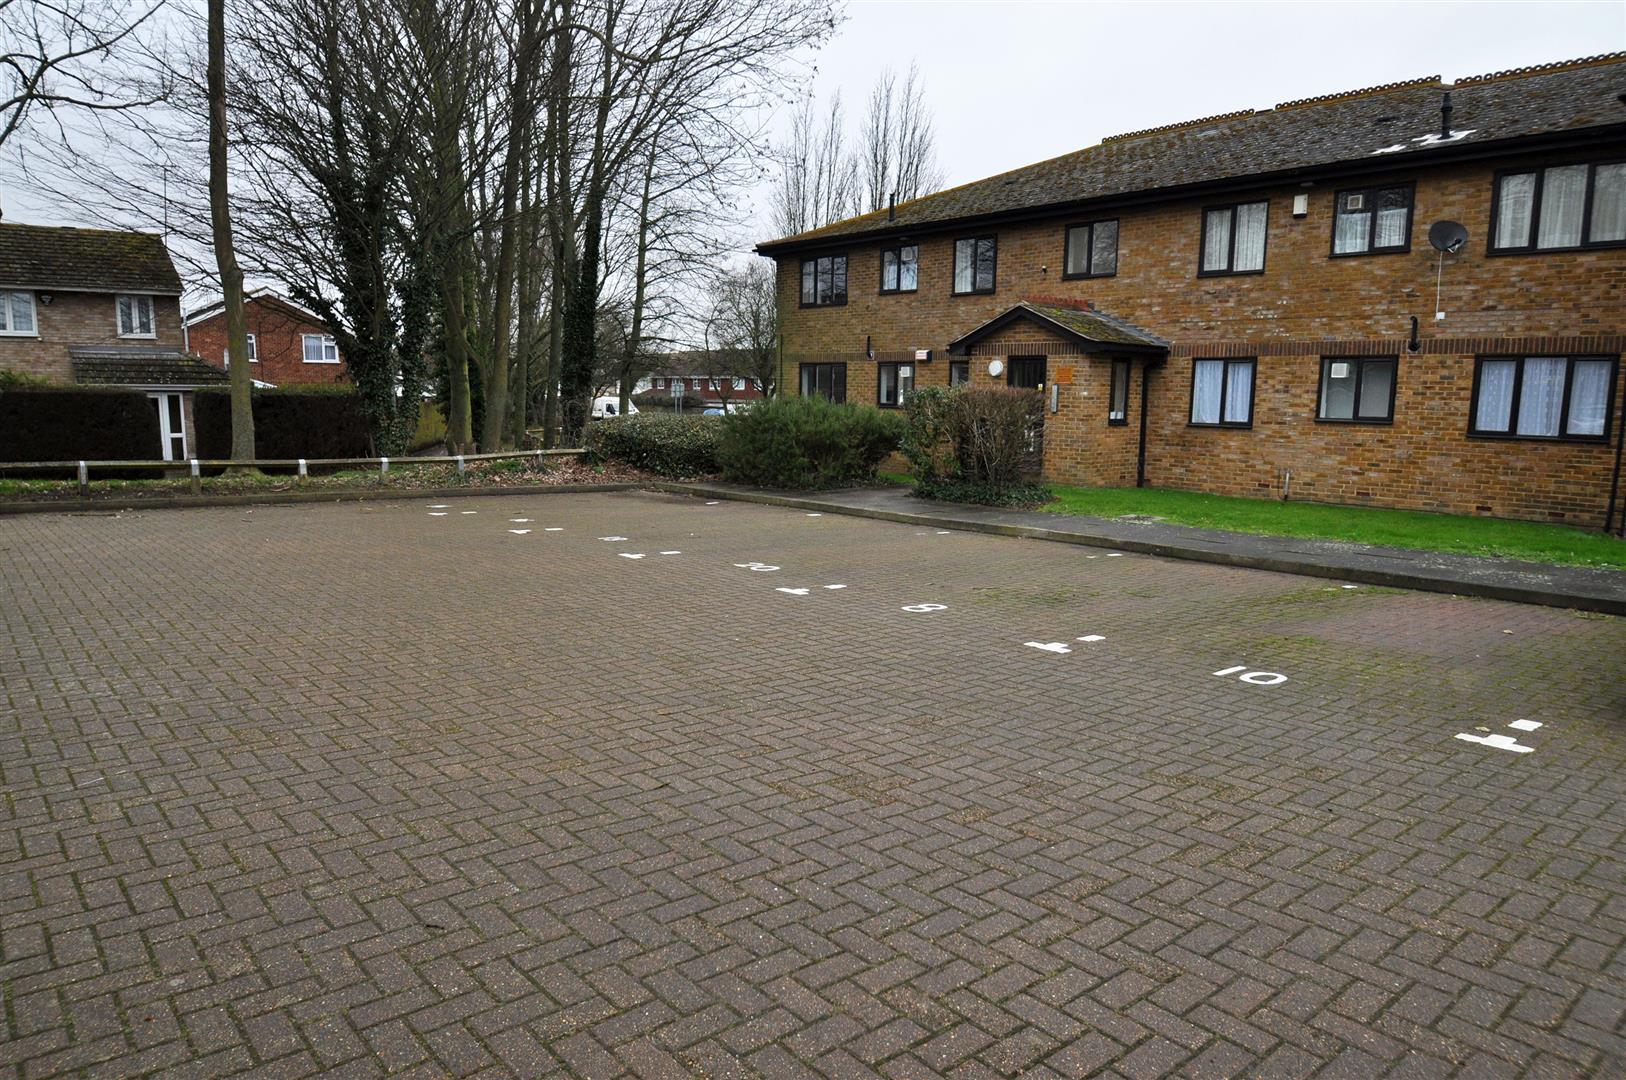 Meresborough Road